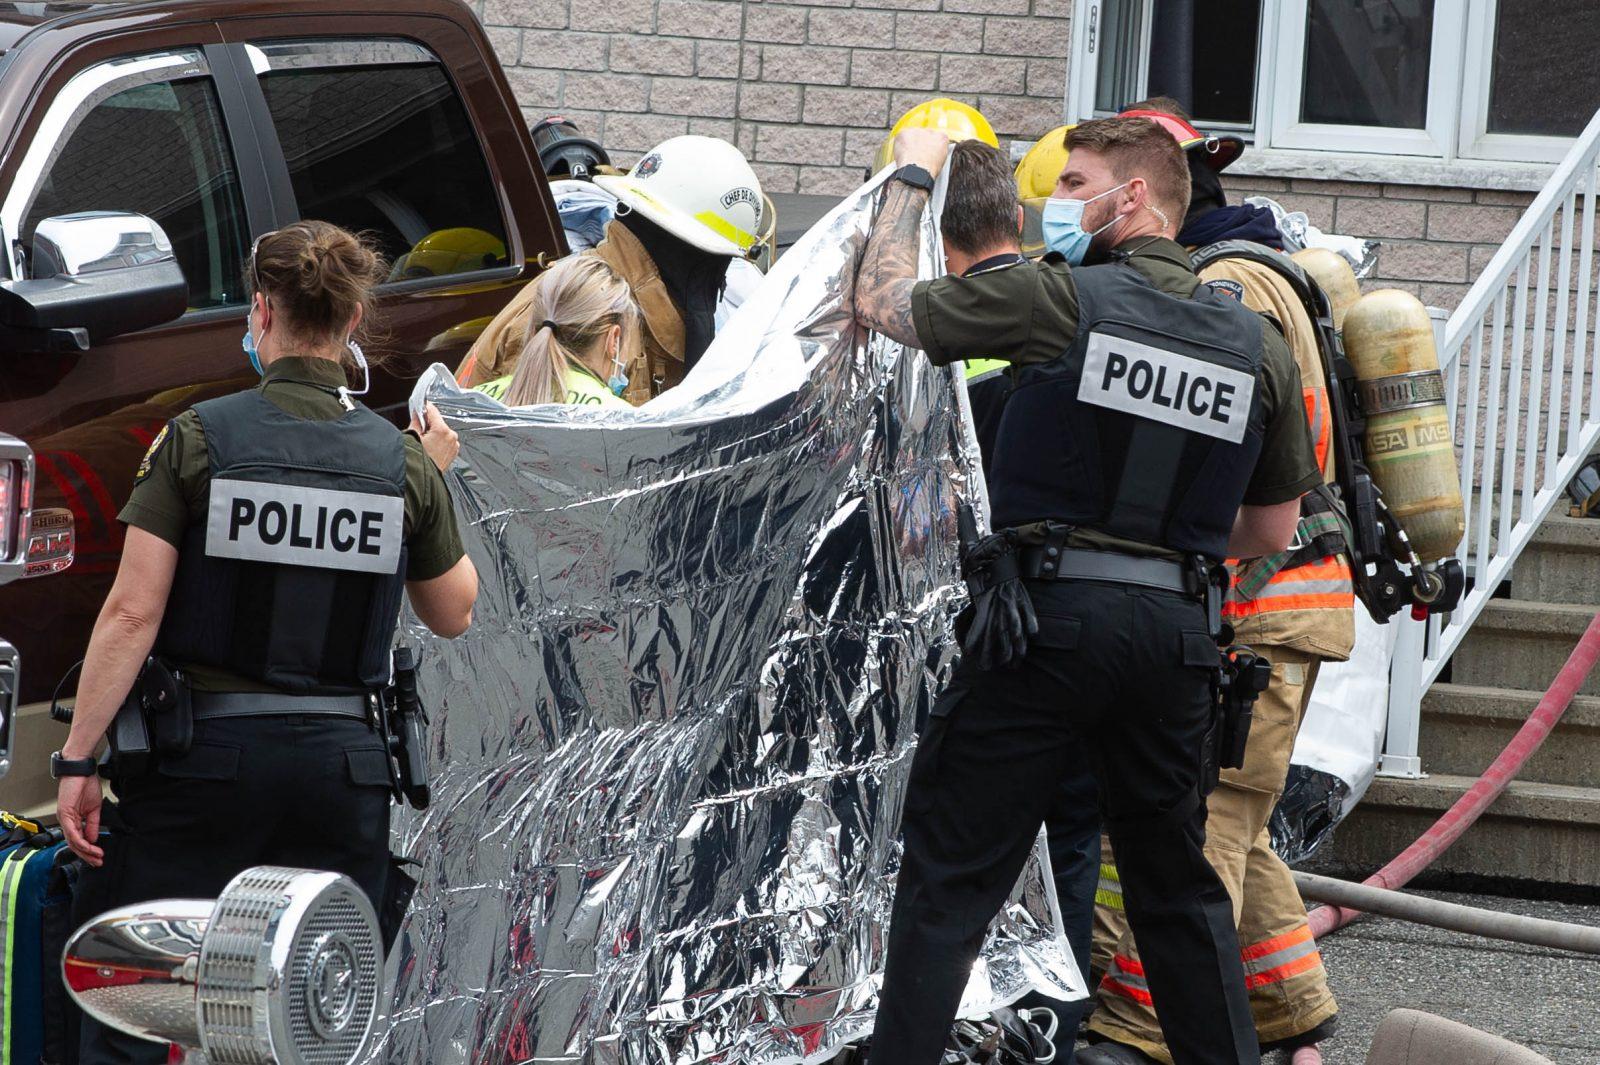 Incendie de la rue Villemure : une personne a perdu la vie (mise à jour)